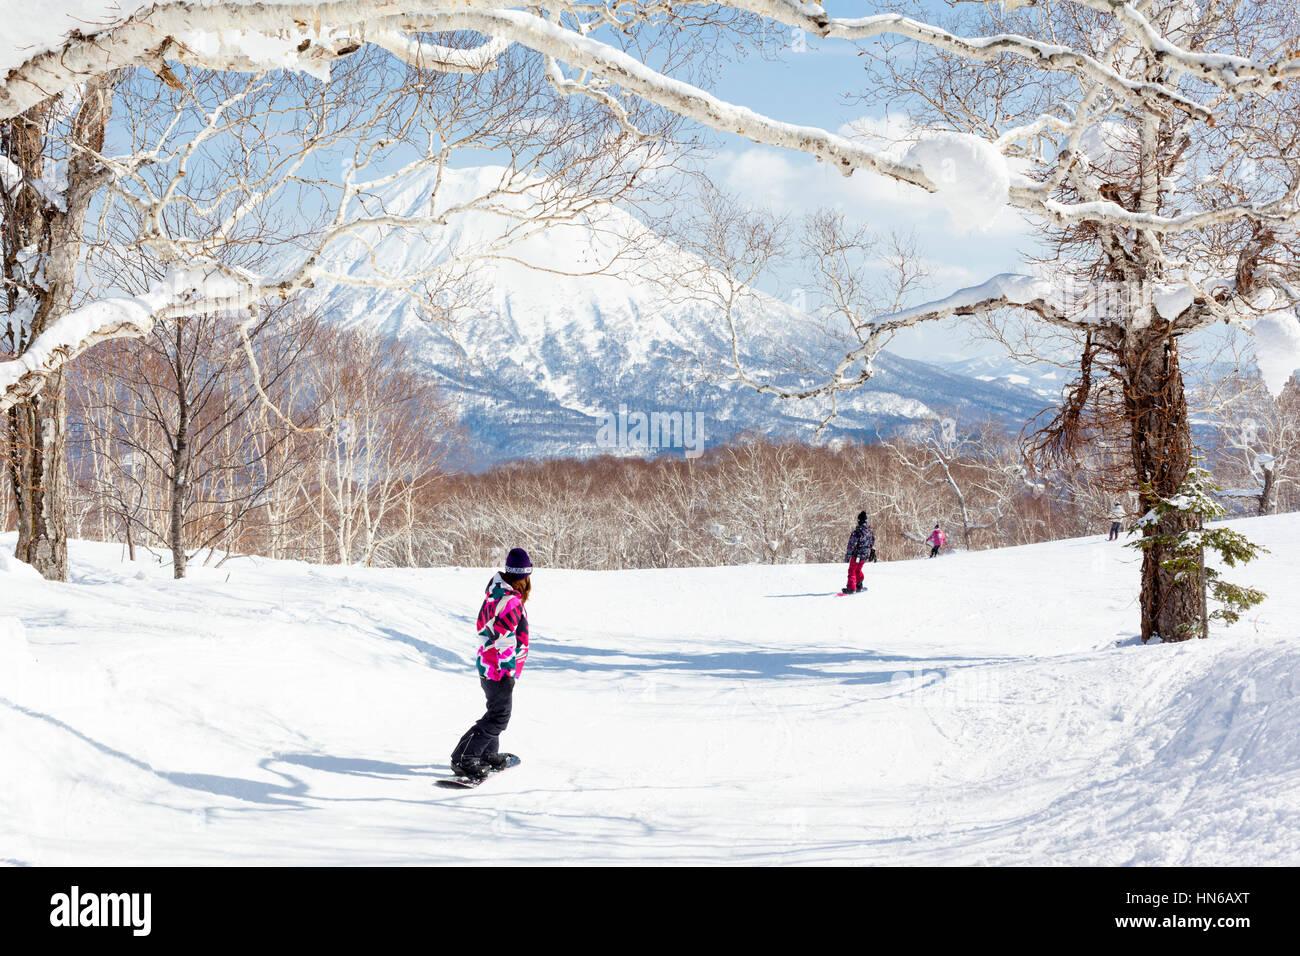 NISEKO, Giappone - 10 Marzo : Vista generale del popolo lo snowboard su un viale alberato in pista nel Niseko Hirafu Immagini Stock